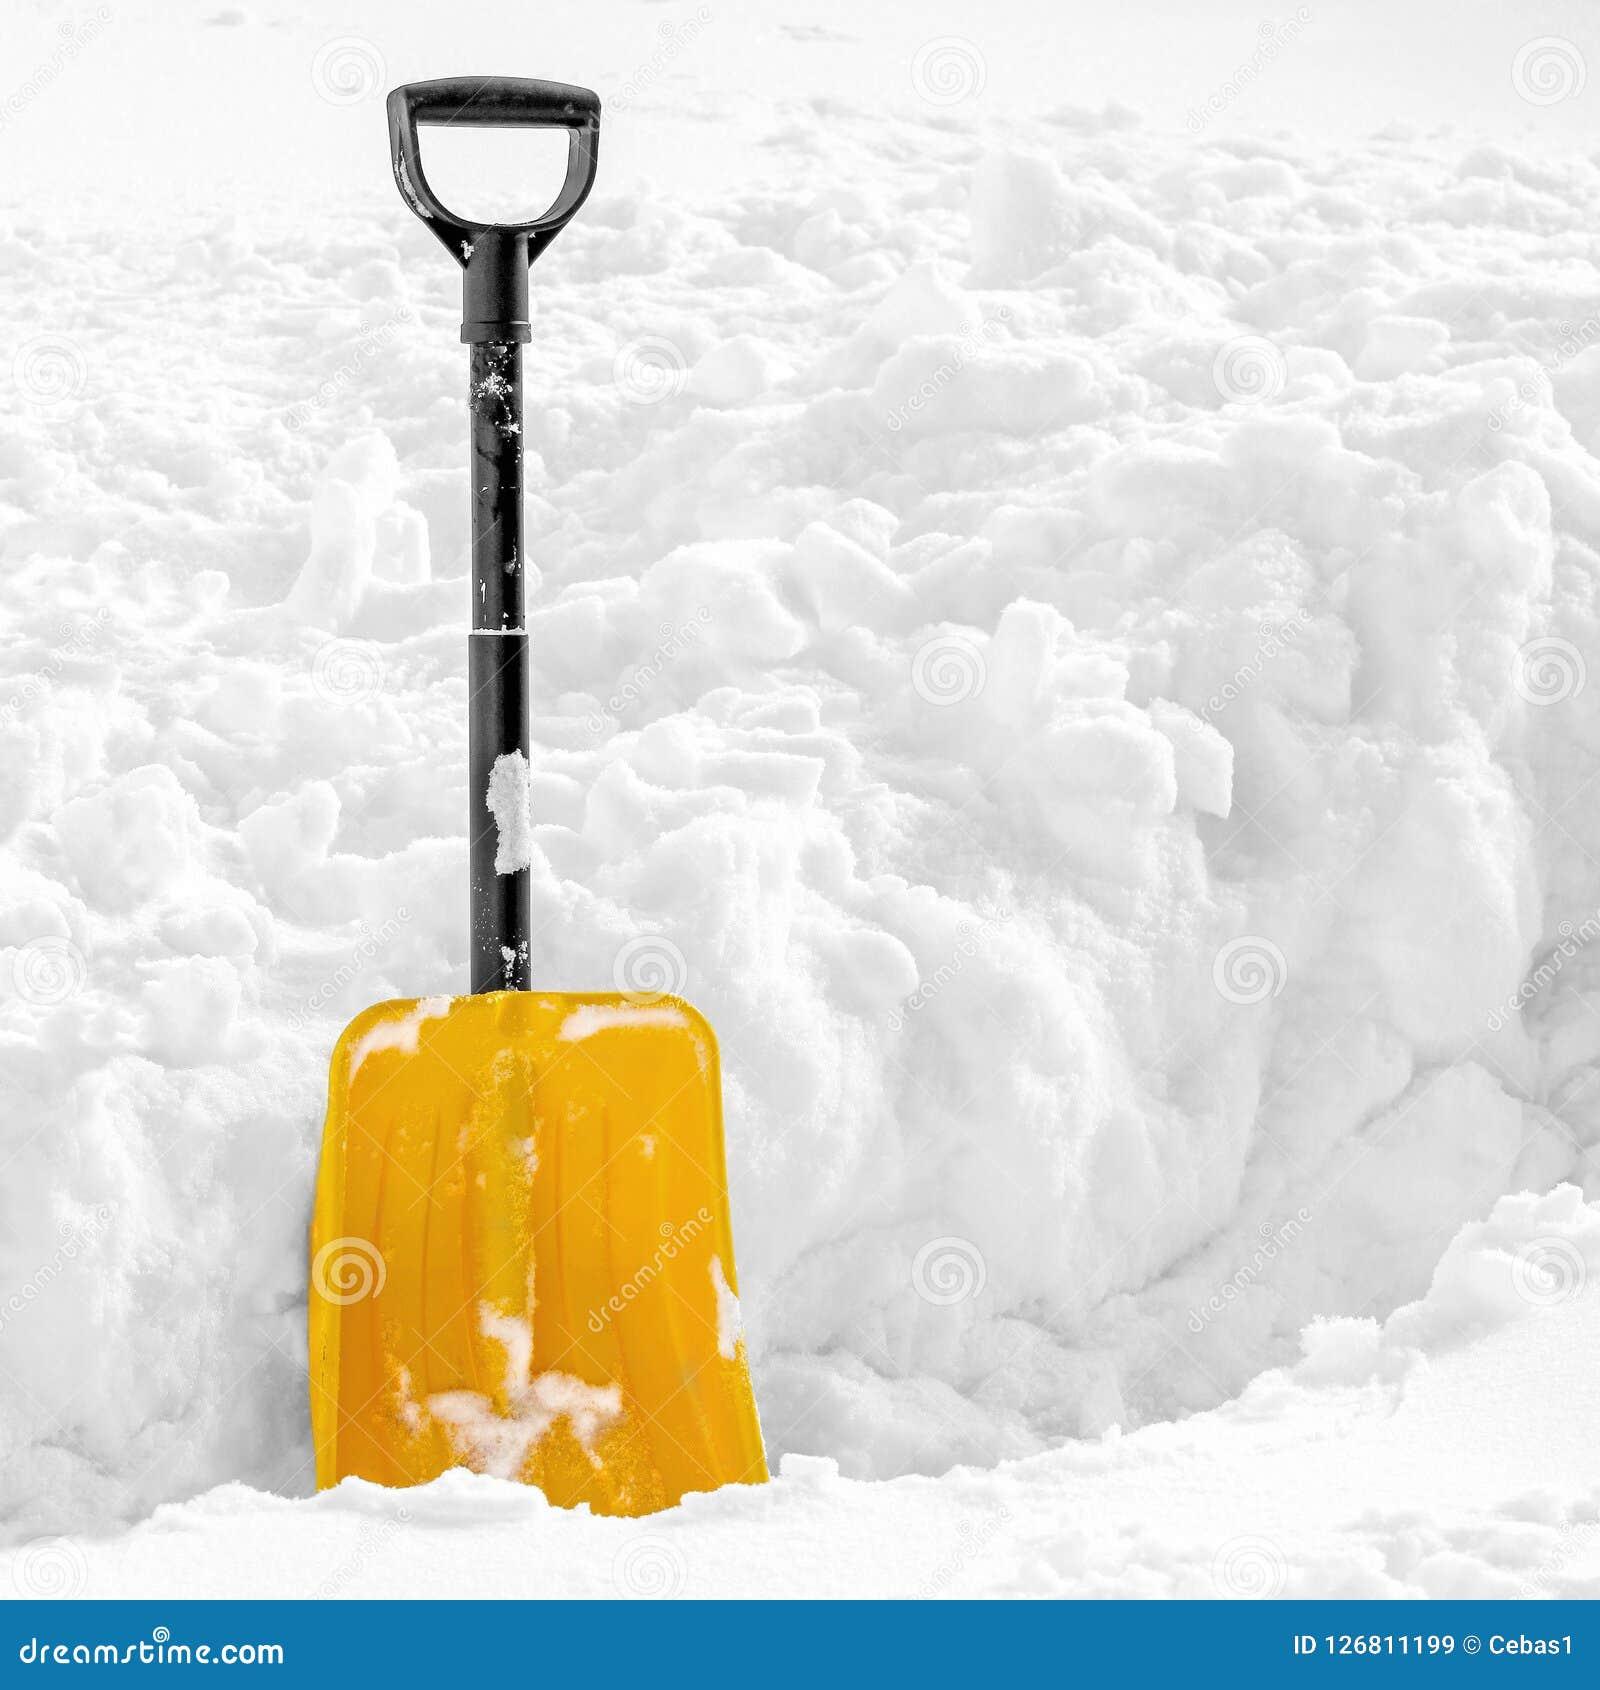 La pelle en plastique jaune a collé dans la neige blanche pelucheuse en hiver